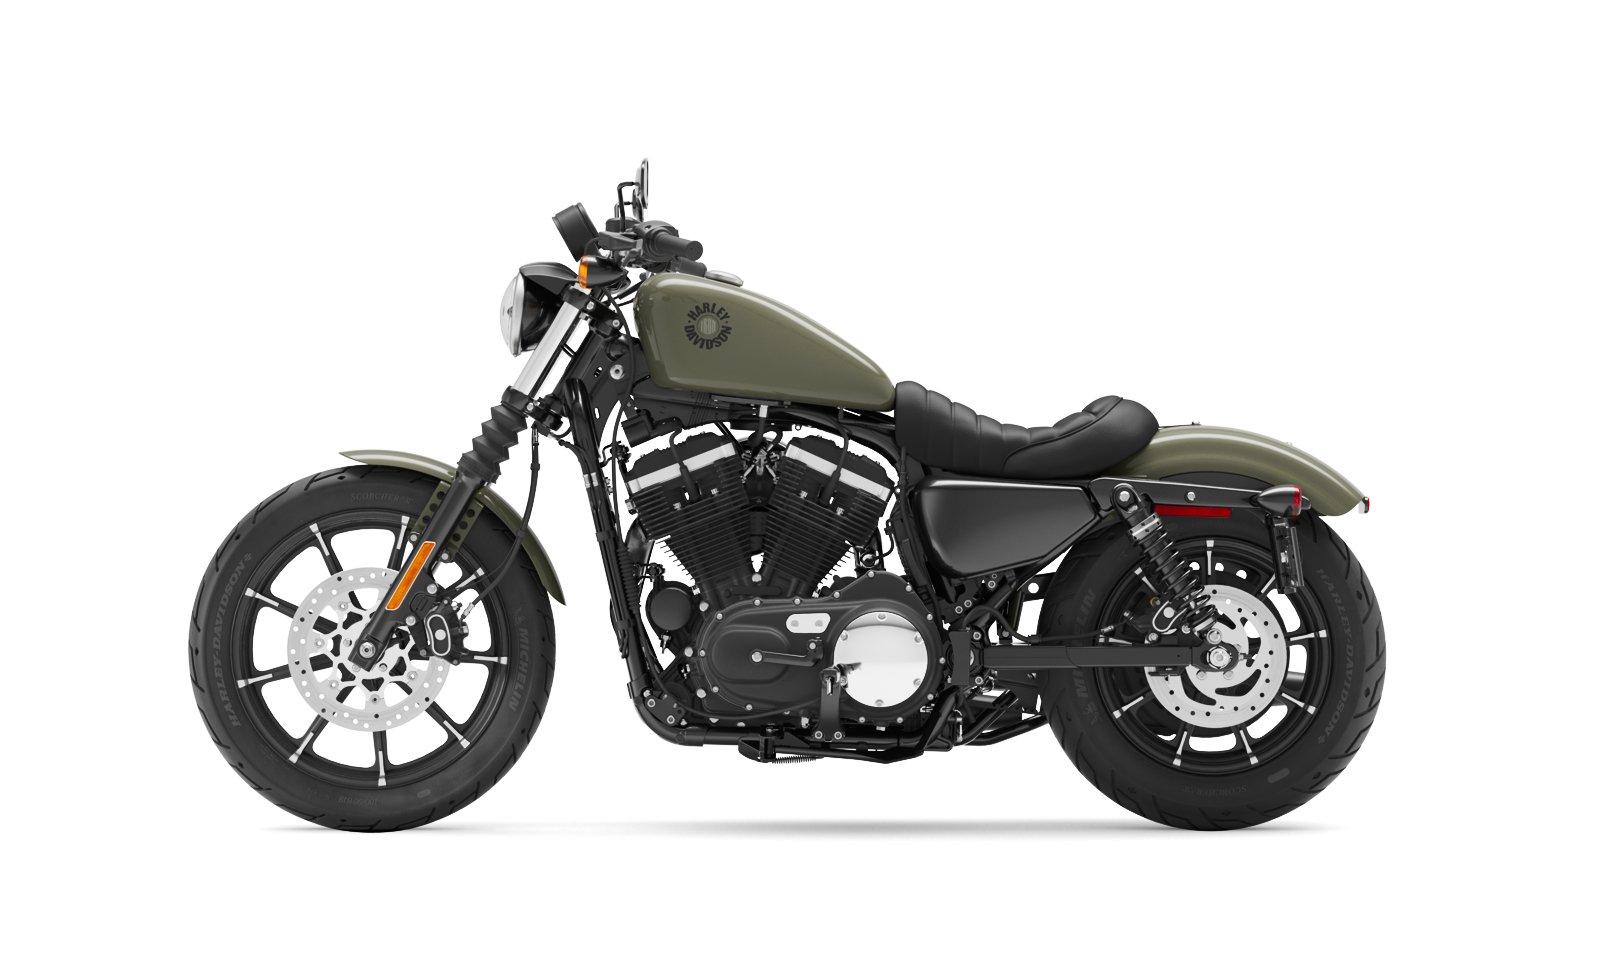 Motocicleta Iron 883 2021 | Harley-Davidson México